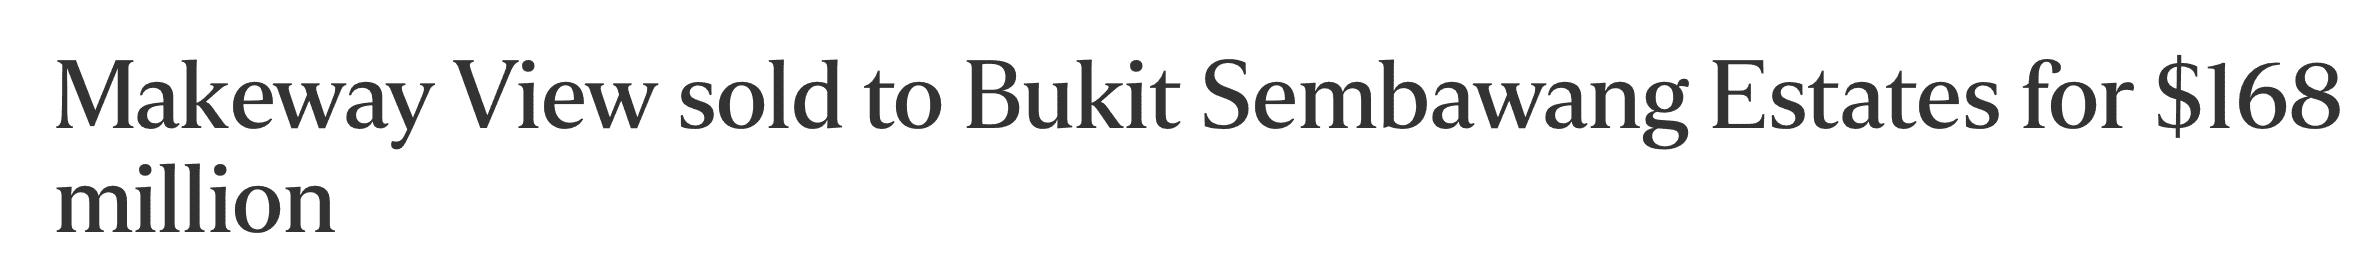 Makeway-view-sold-bukit-sembawang-estates-for-s168-million